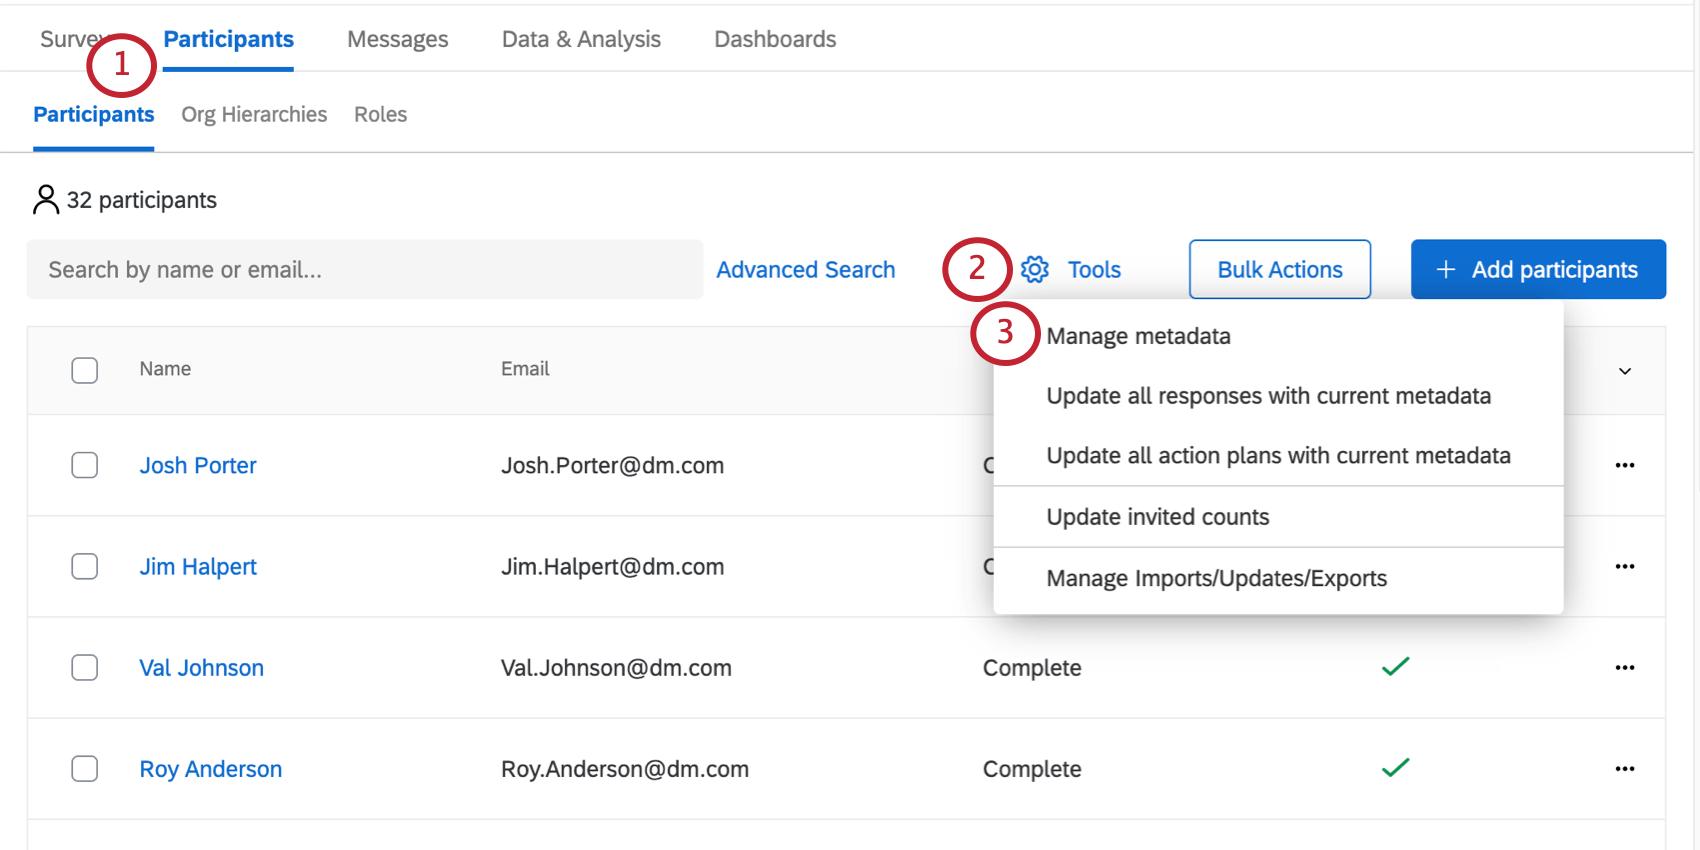 [参加者]タブの[ツール]ボタンが展開され、[メタデータを管理]オプションが表示される